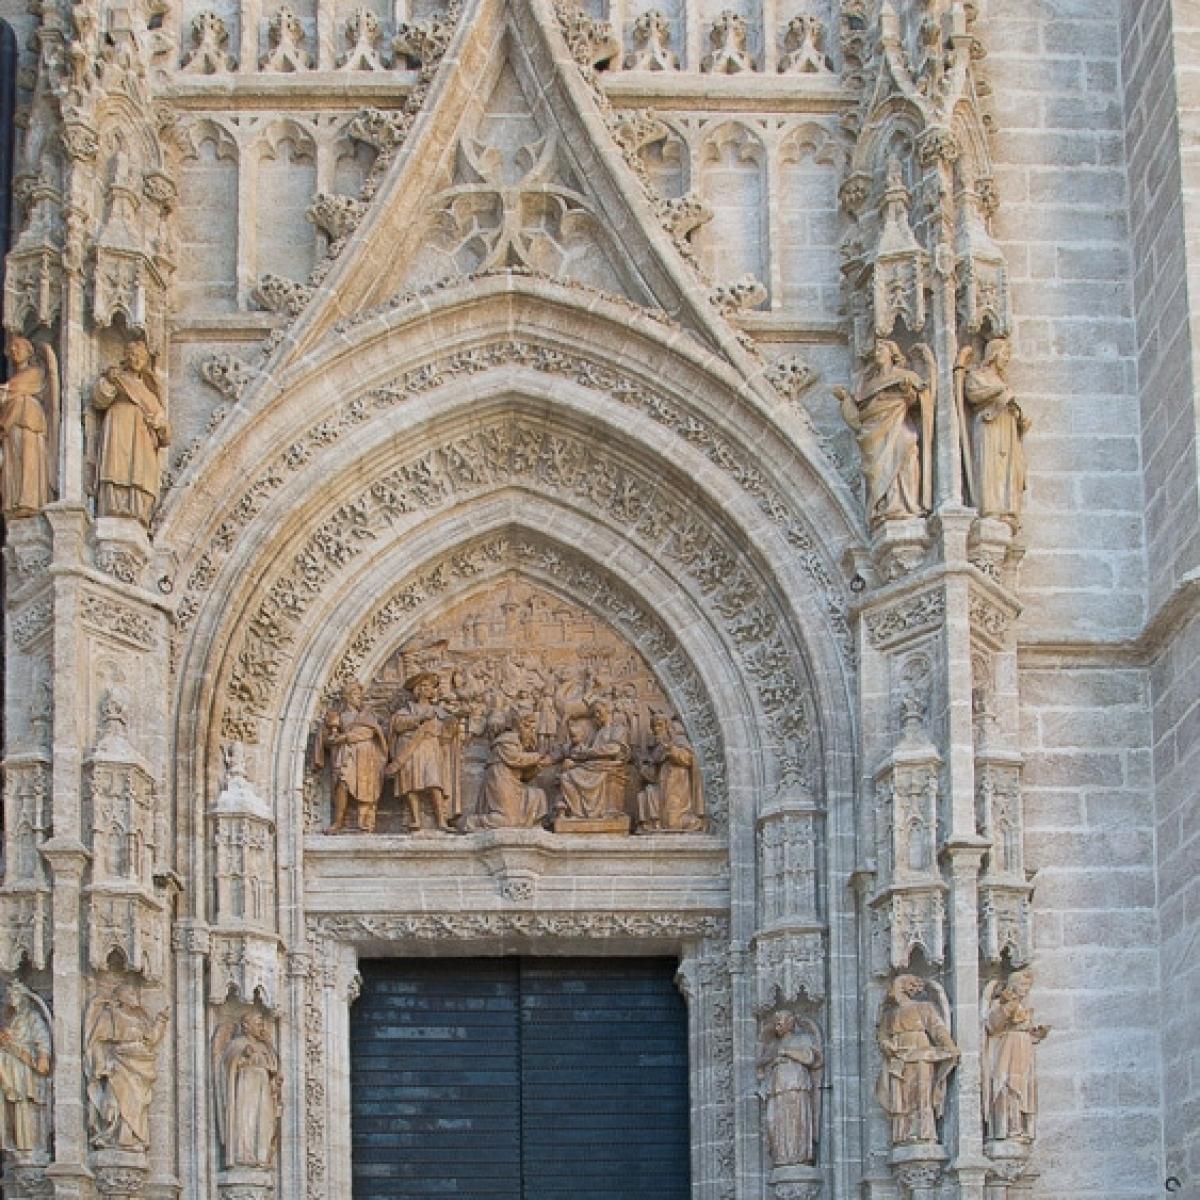 Séville (en espagnol : Sevilla) est une ville du Sud de l'Espagne, capitale de la province de Séville et de la communauté autonome d'Andalousie @Marwan Moussa